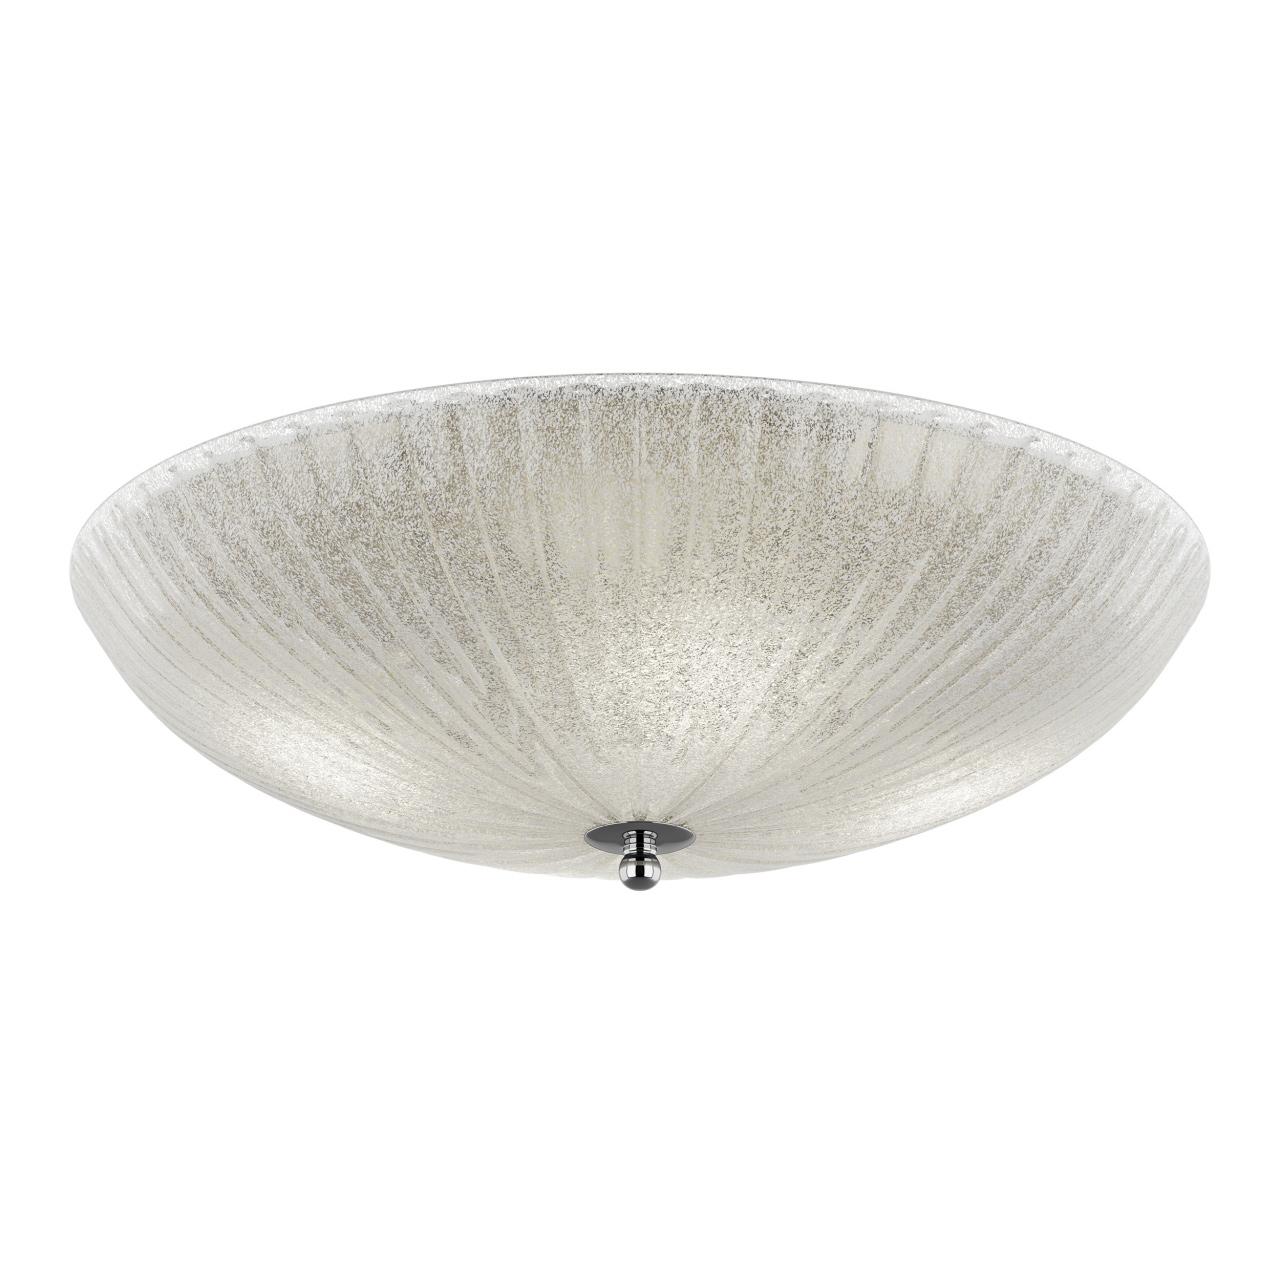 Плафон потолочный Zucche 4х60W E27 белый Lightstar 820840